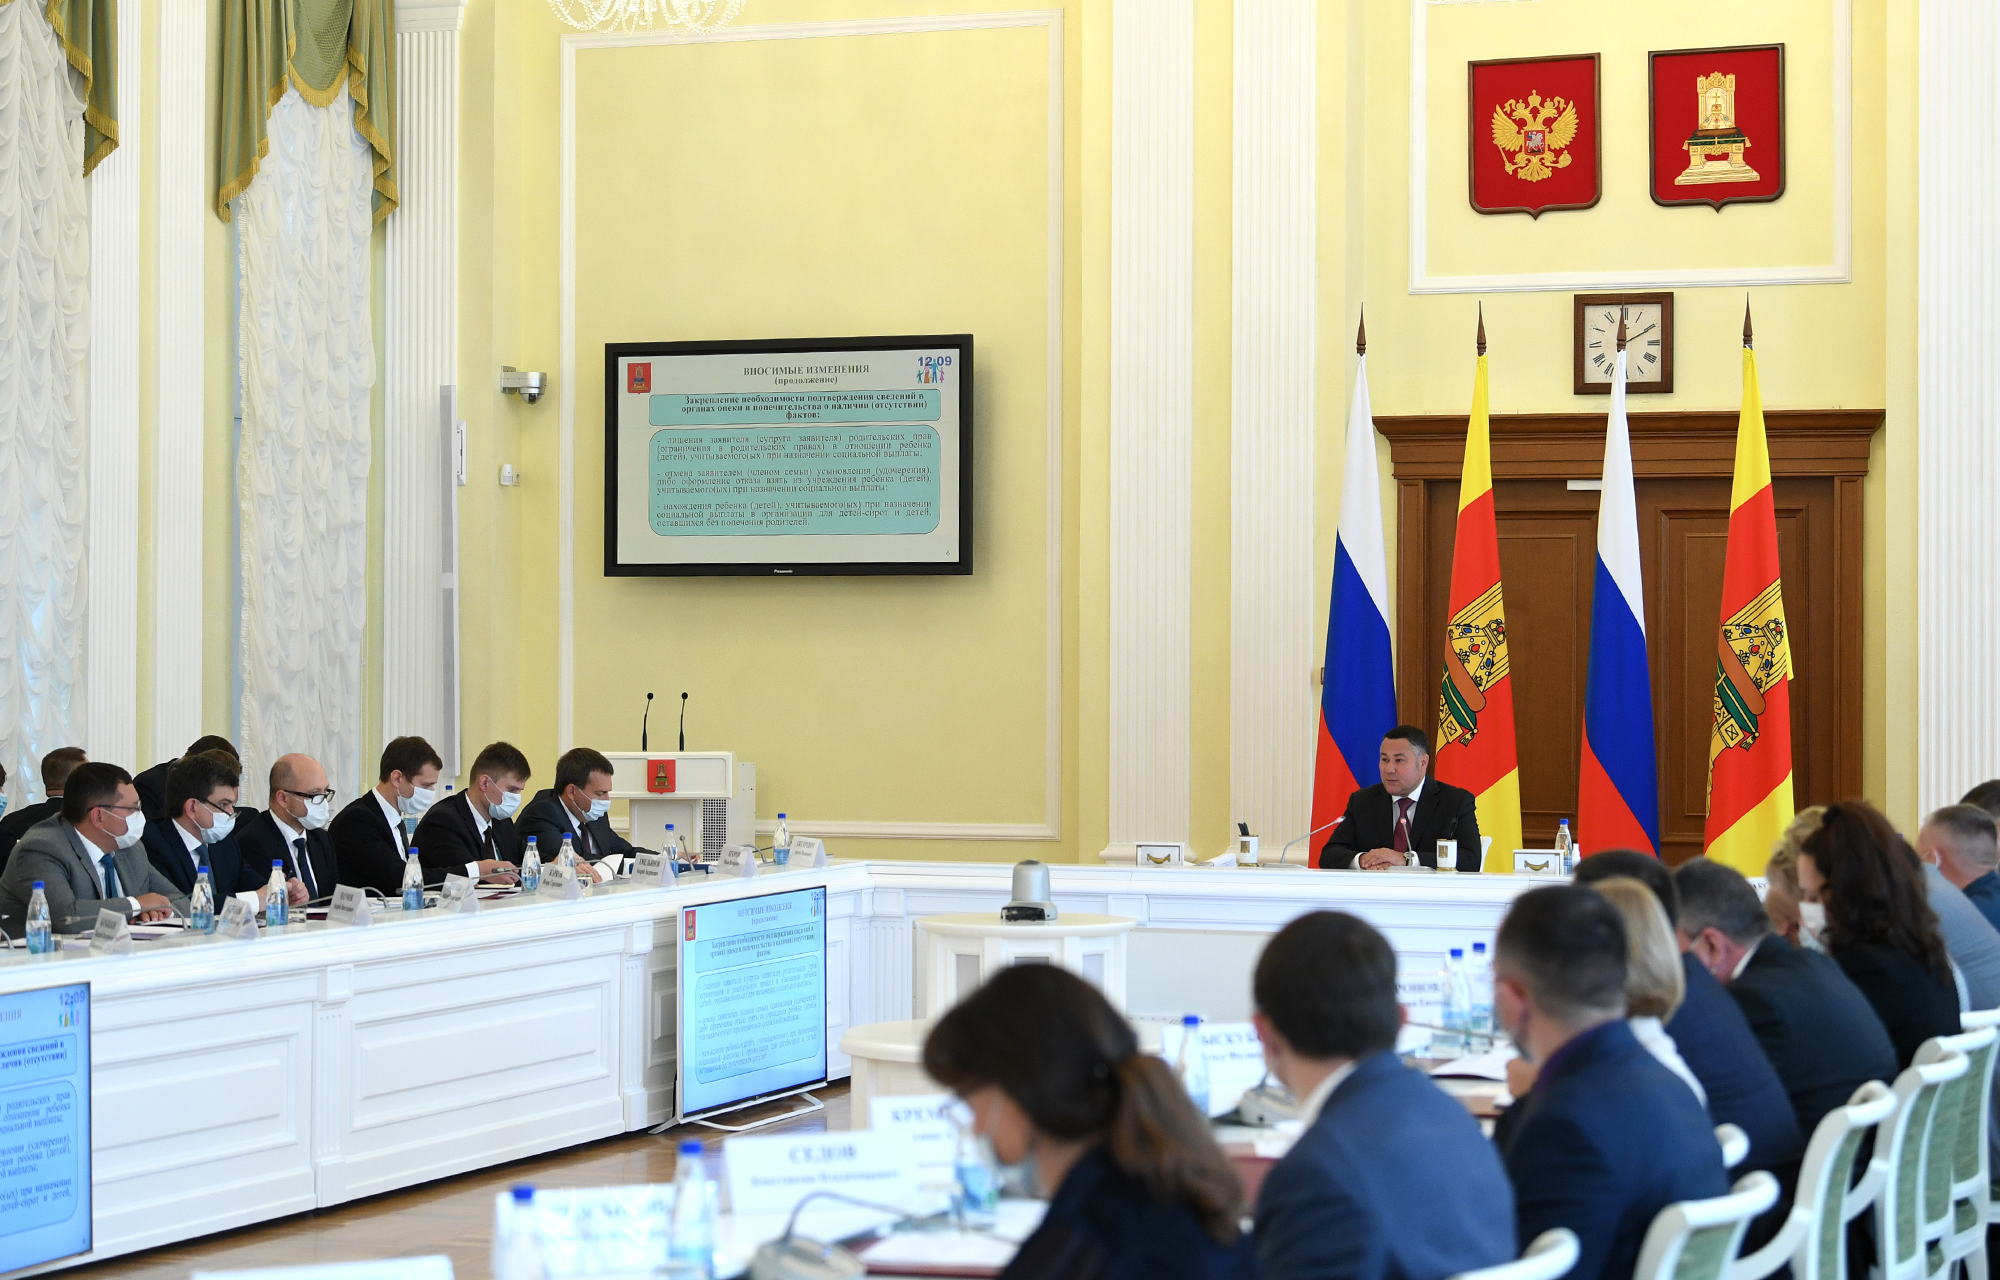 К концу 2021 года в Тверской области будут восстановлены темпы роста экономики